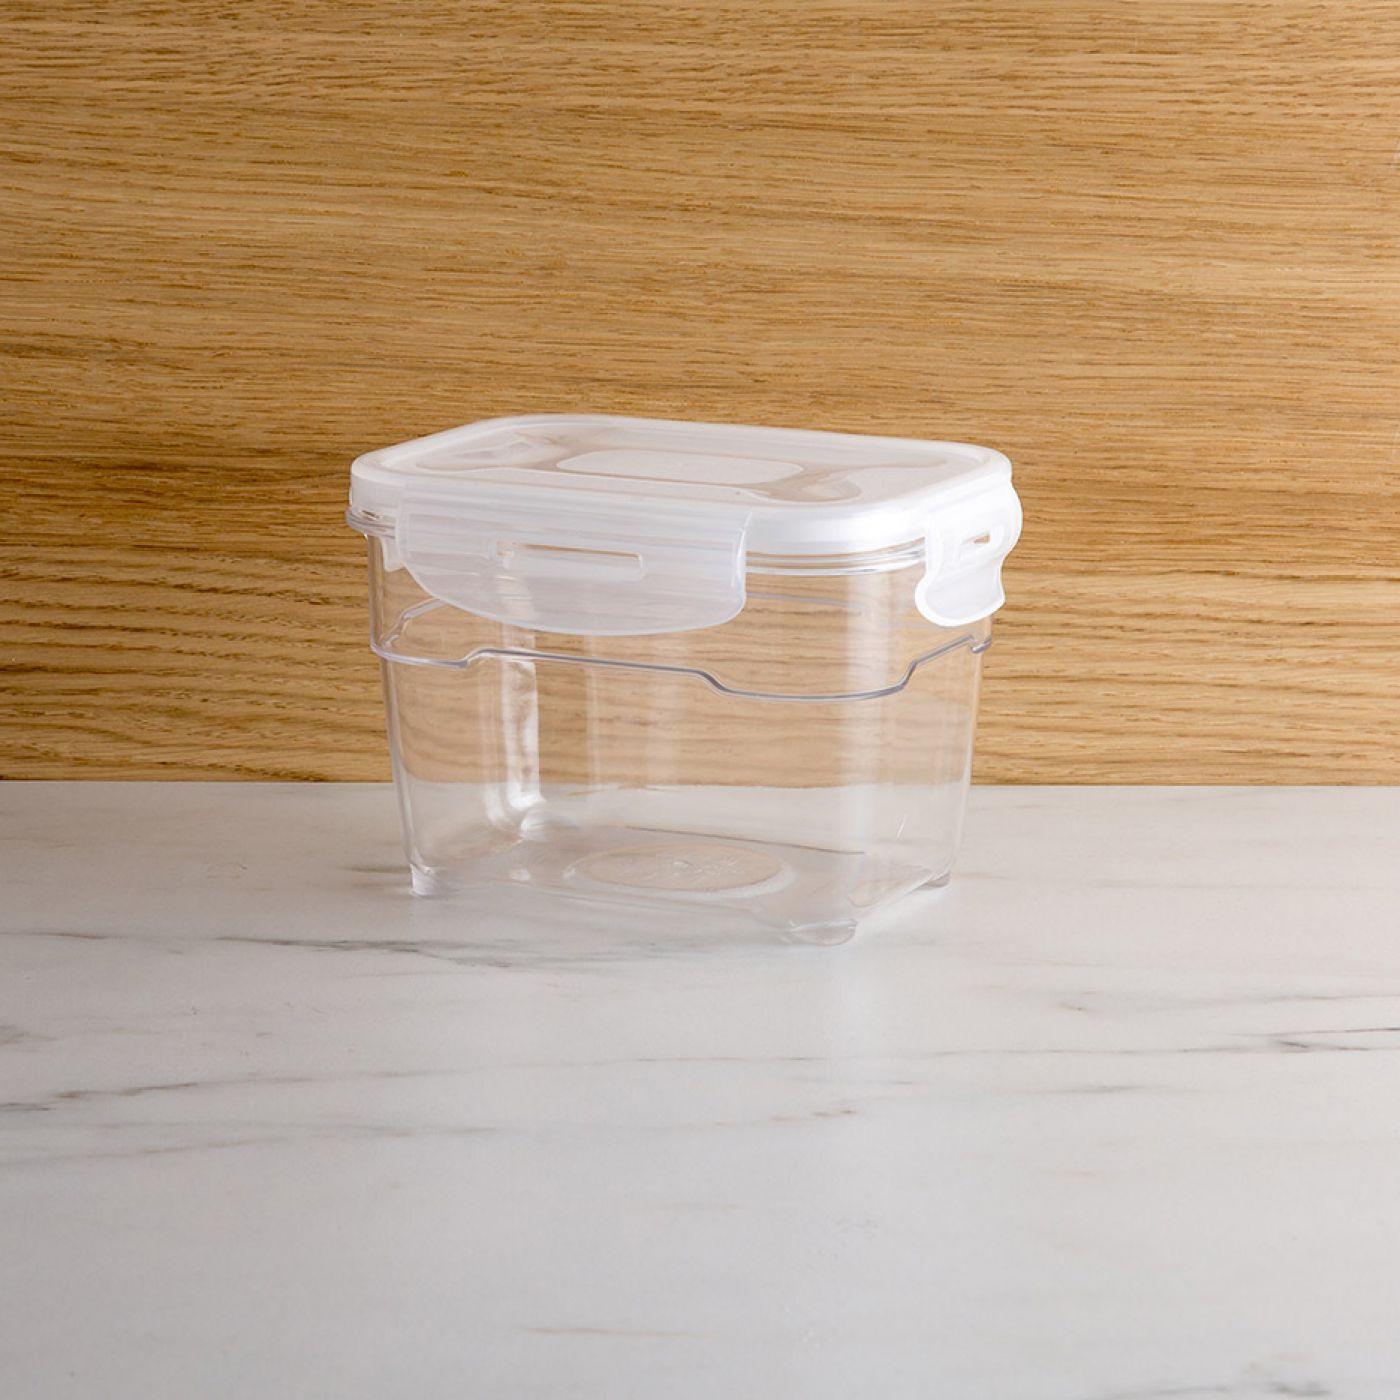 קופסת TRITAN לאחסון | 3.2 ליטר